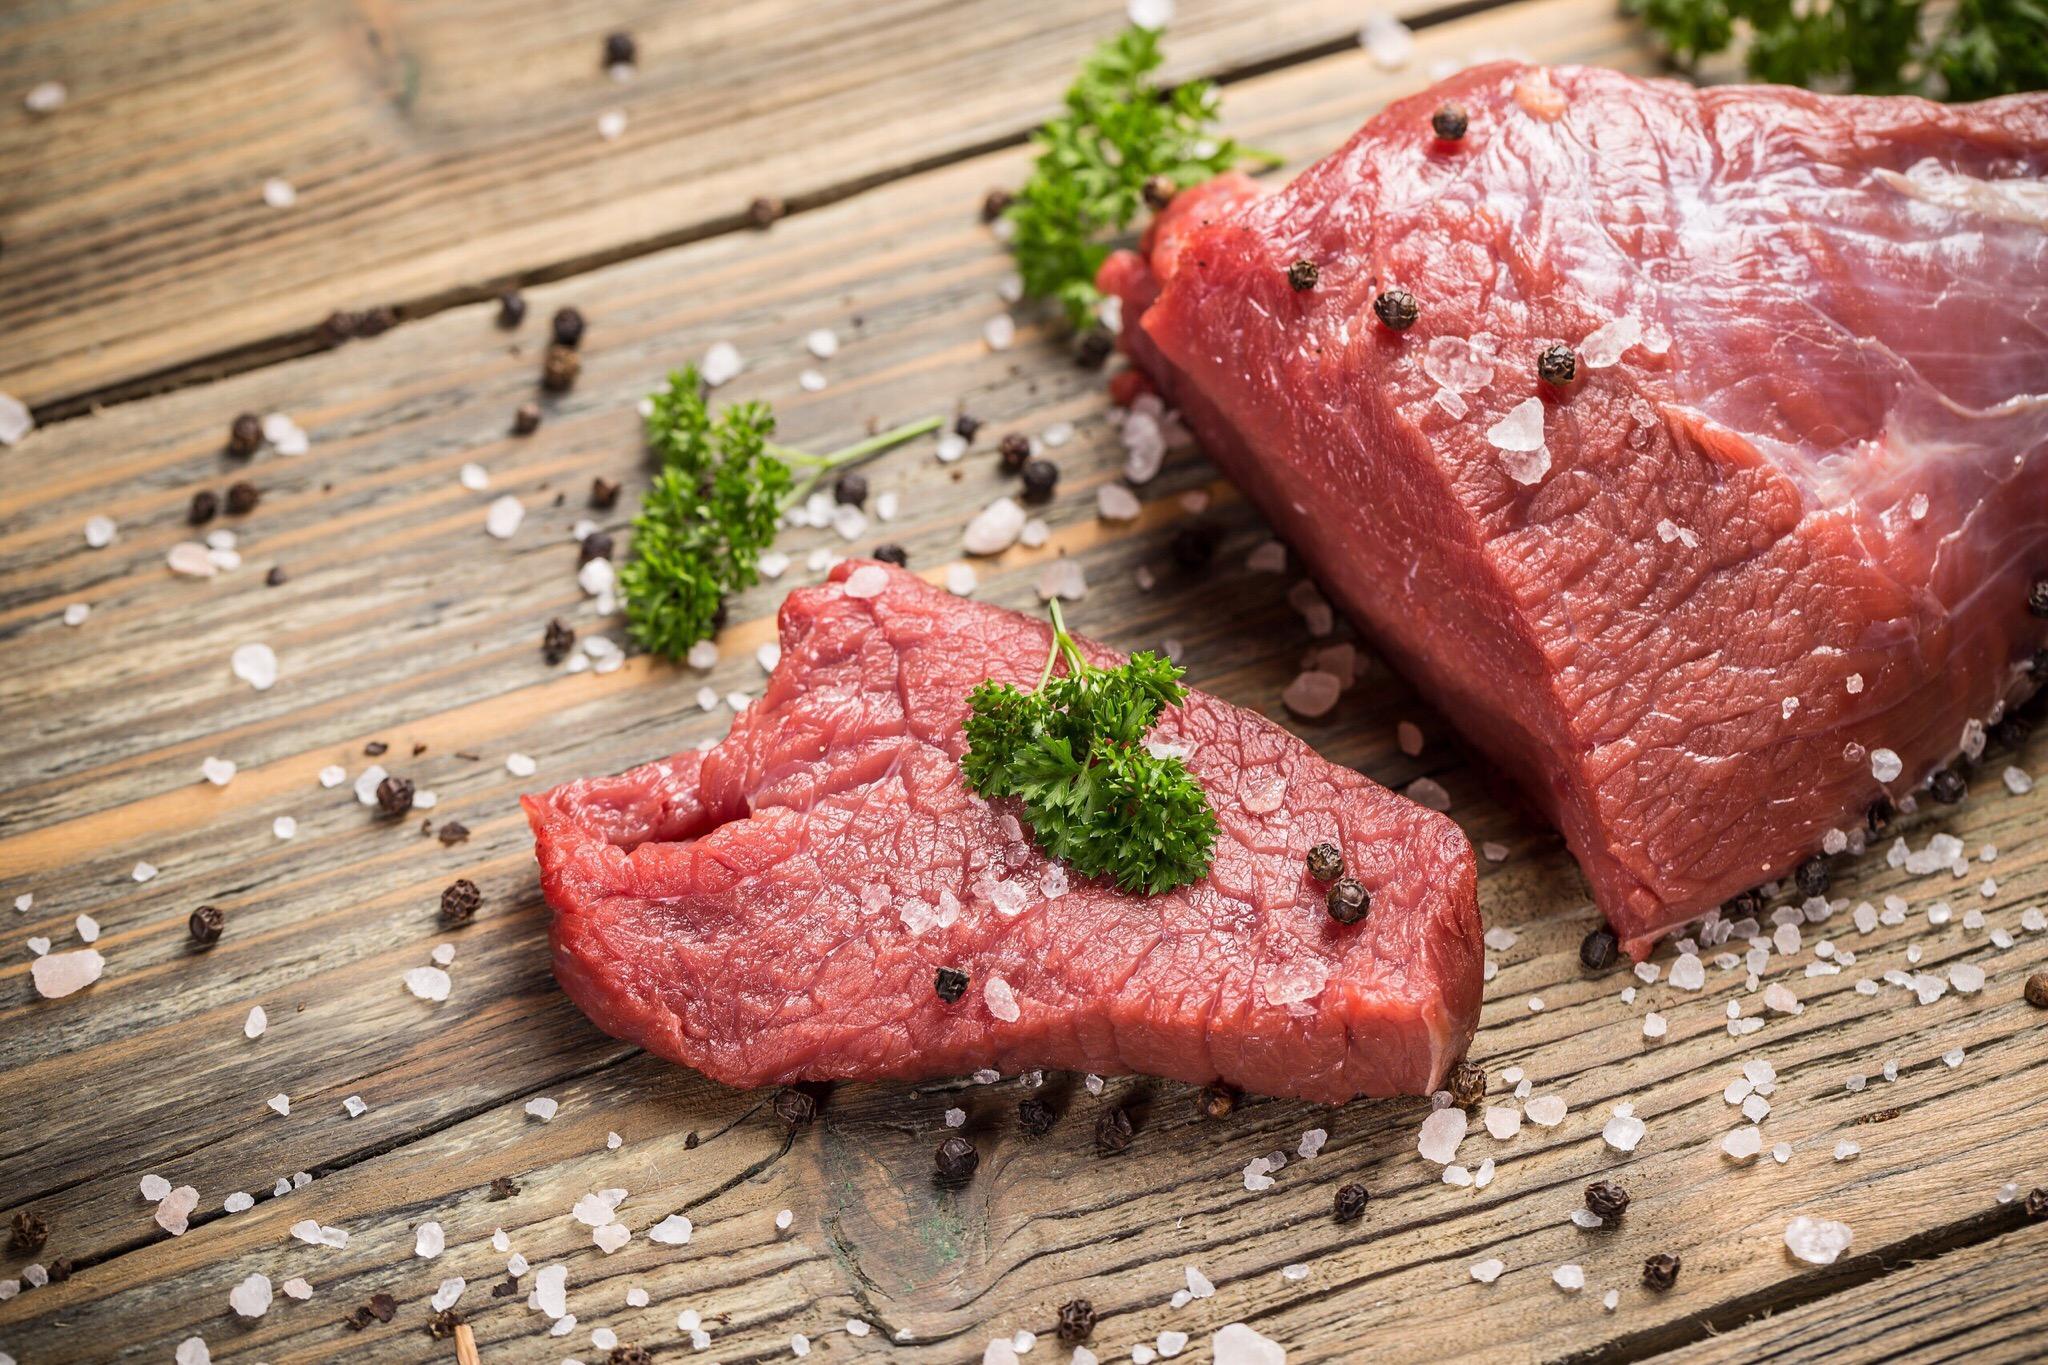 В тульском кафе нашли тухлое мясо без маркировки